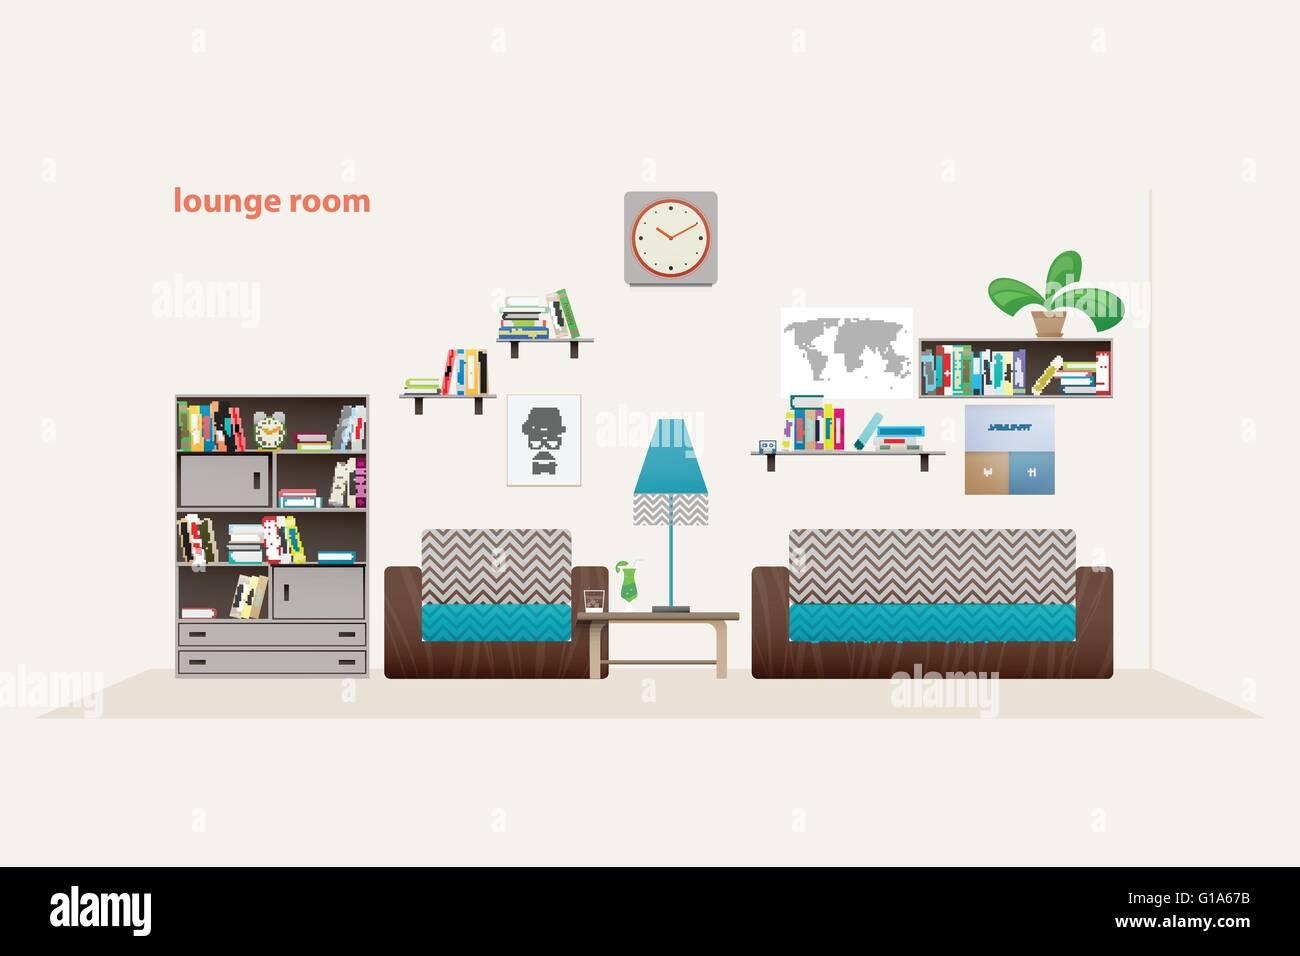 moderne Lounge-Zimmer mit Möbeln, die isoliert auf weißem ...